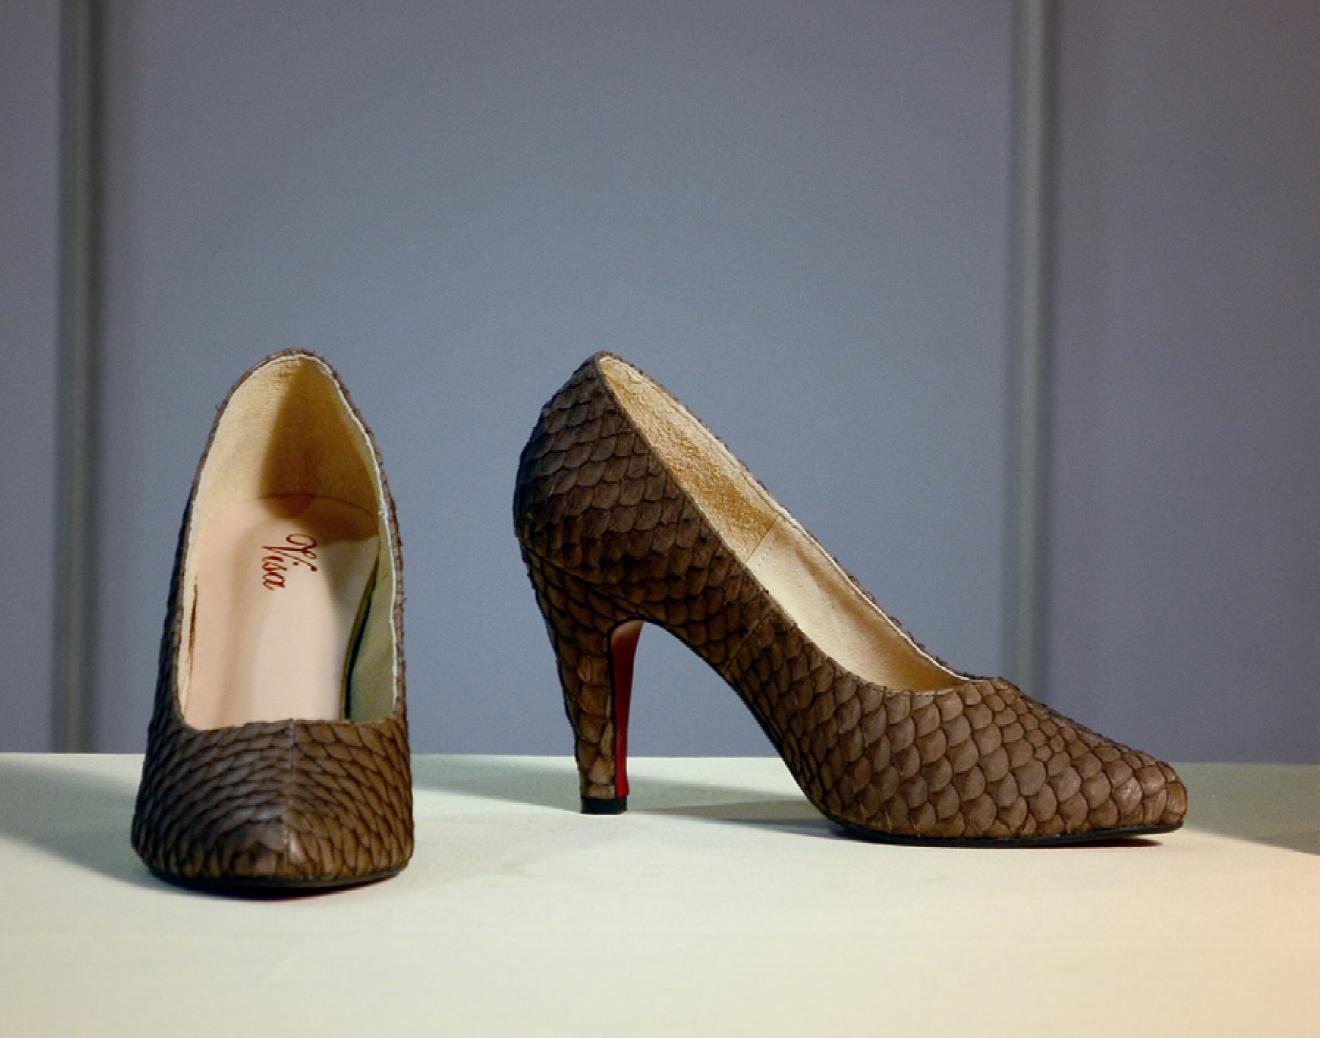 C03005 รองเท้าสตรีทำจากหนังปลานิล